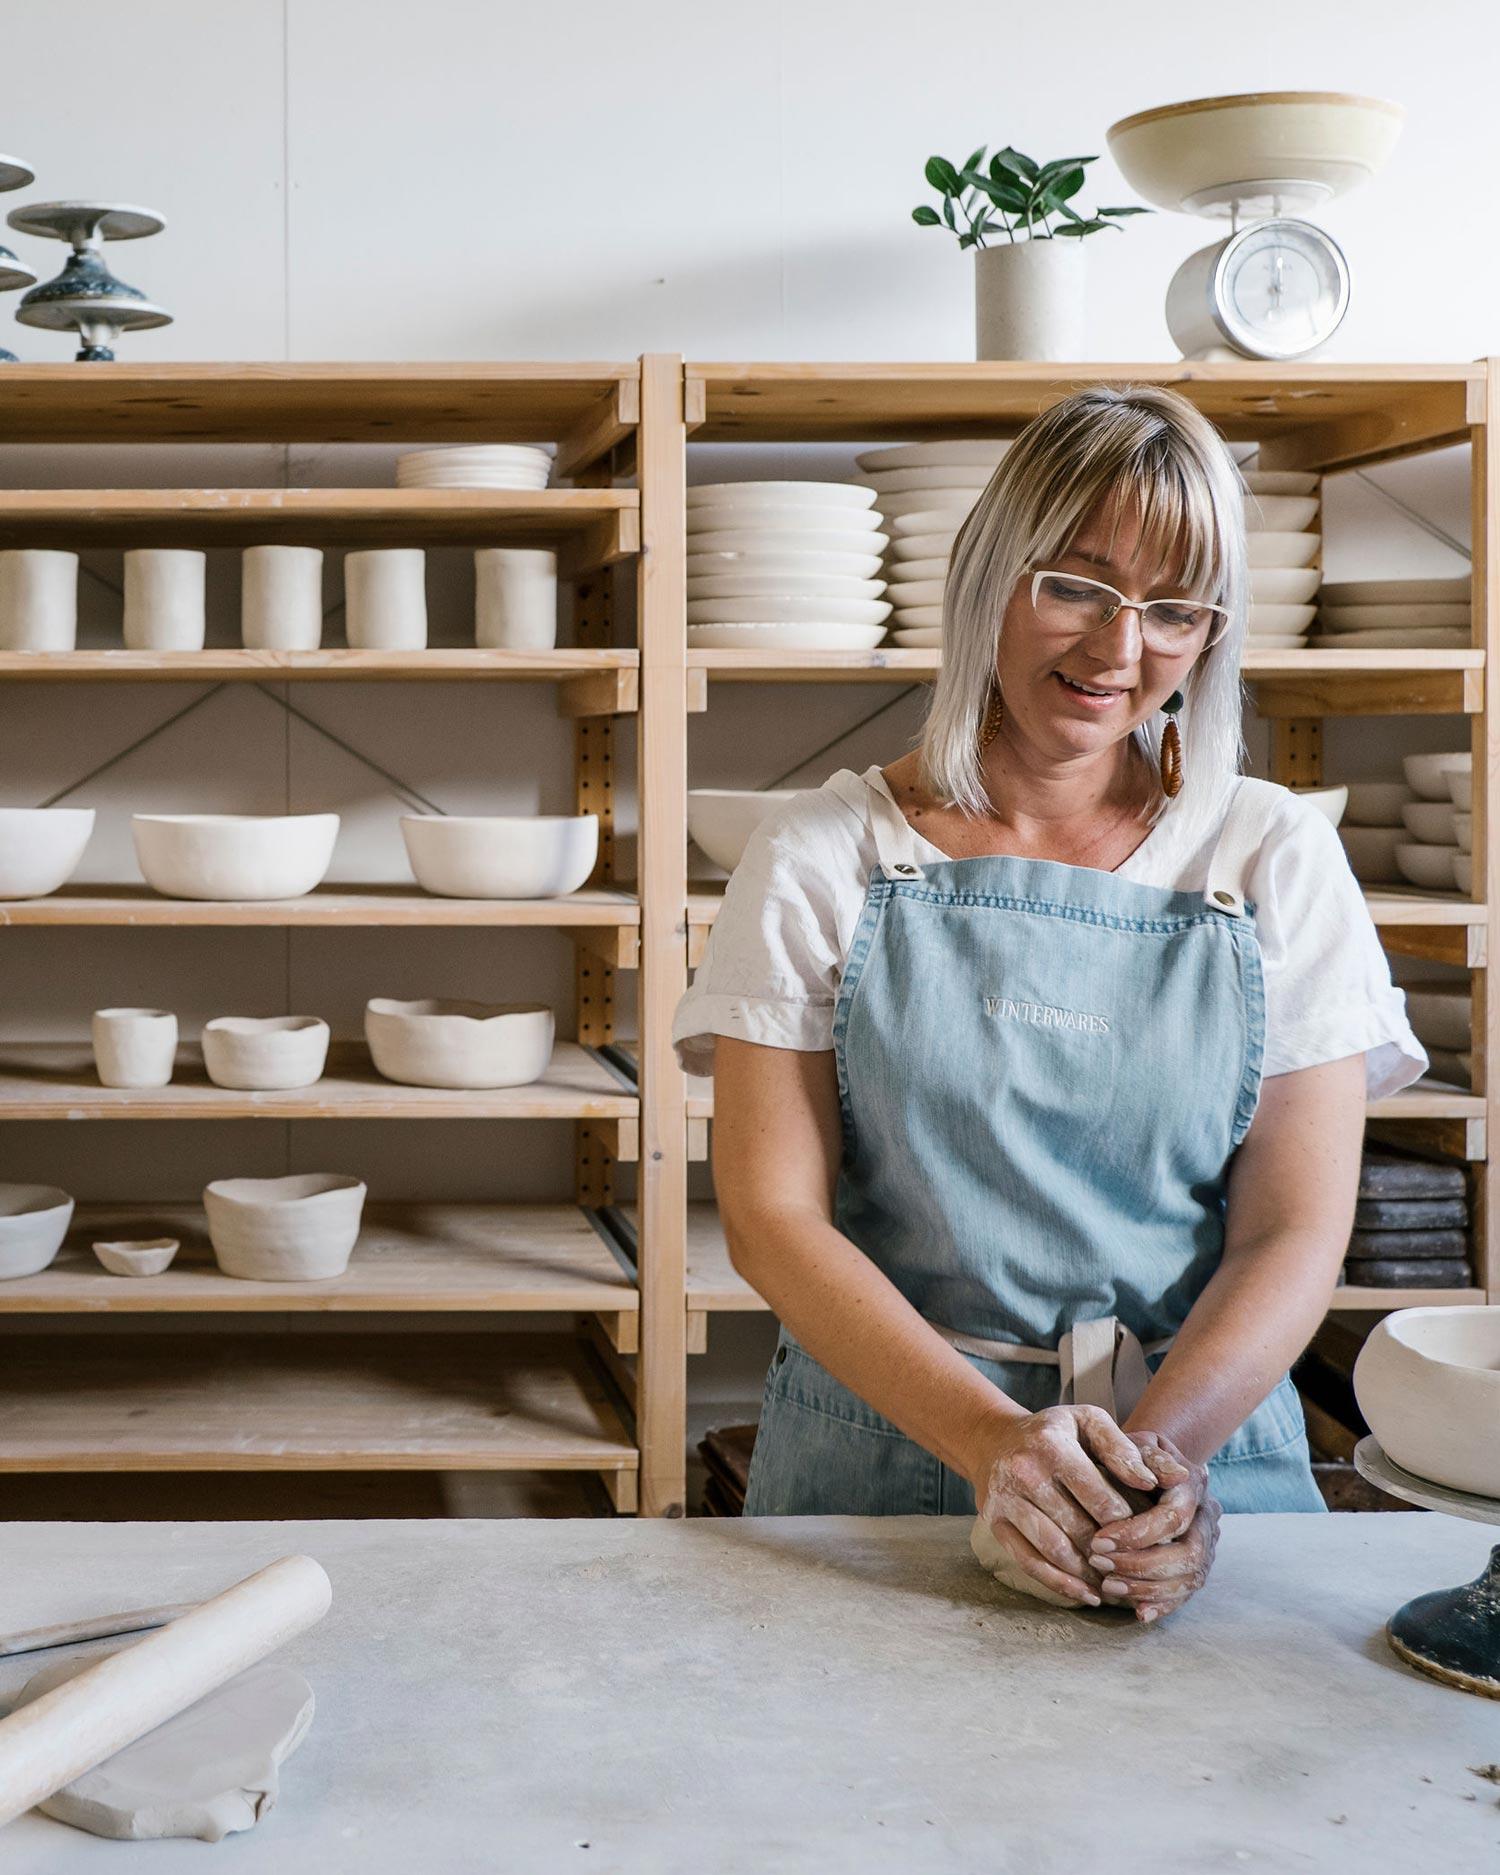 Simone Nabholz in the Winterwares studio